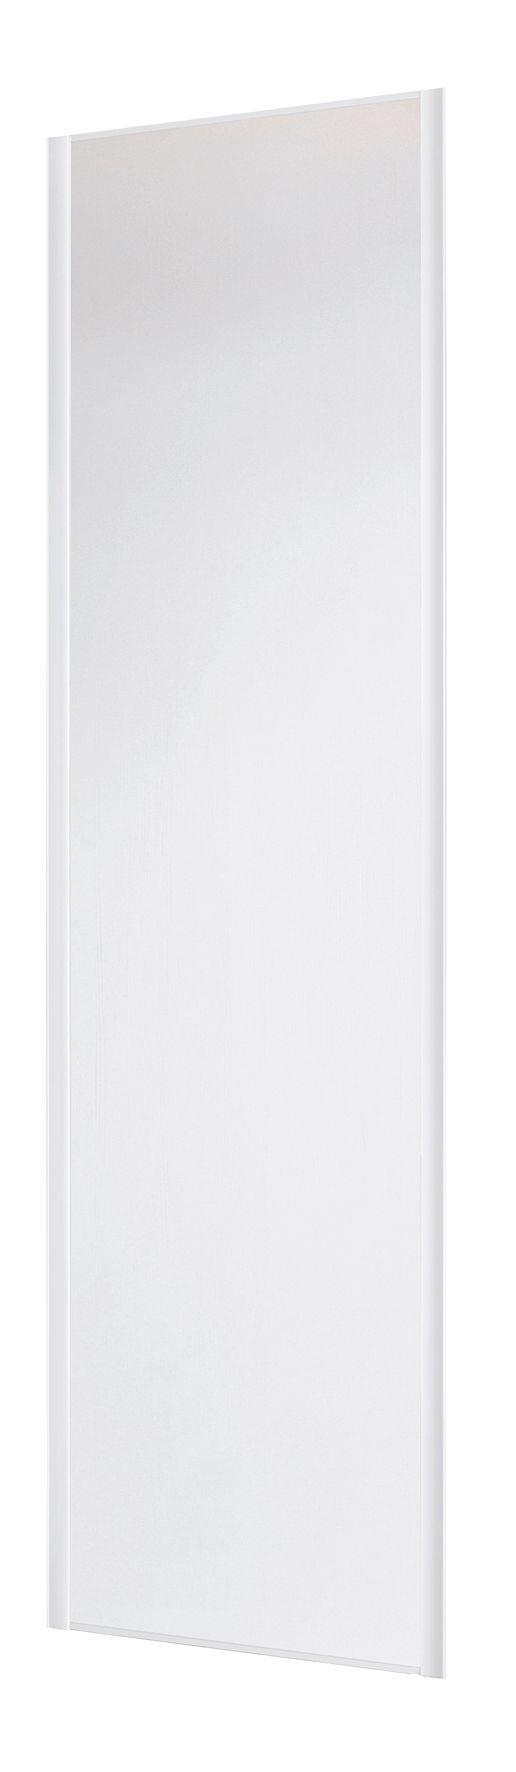 Valla White Sliding Wardrobe Door H2260 Mm W772mm Departments